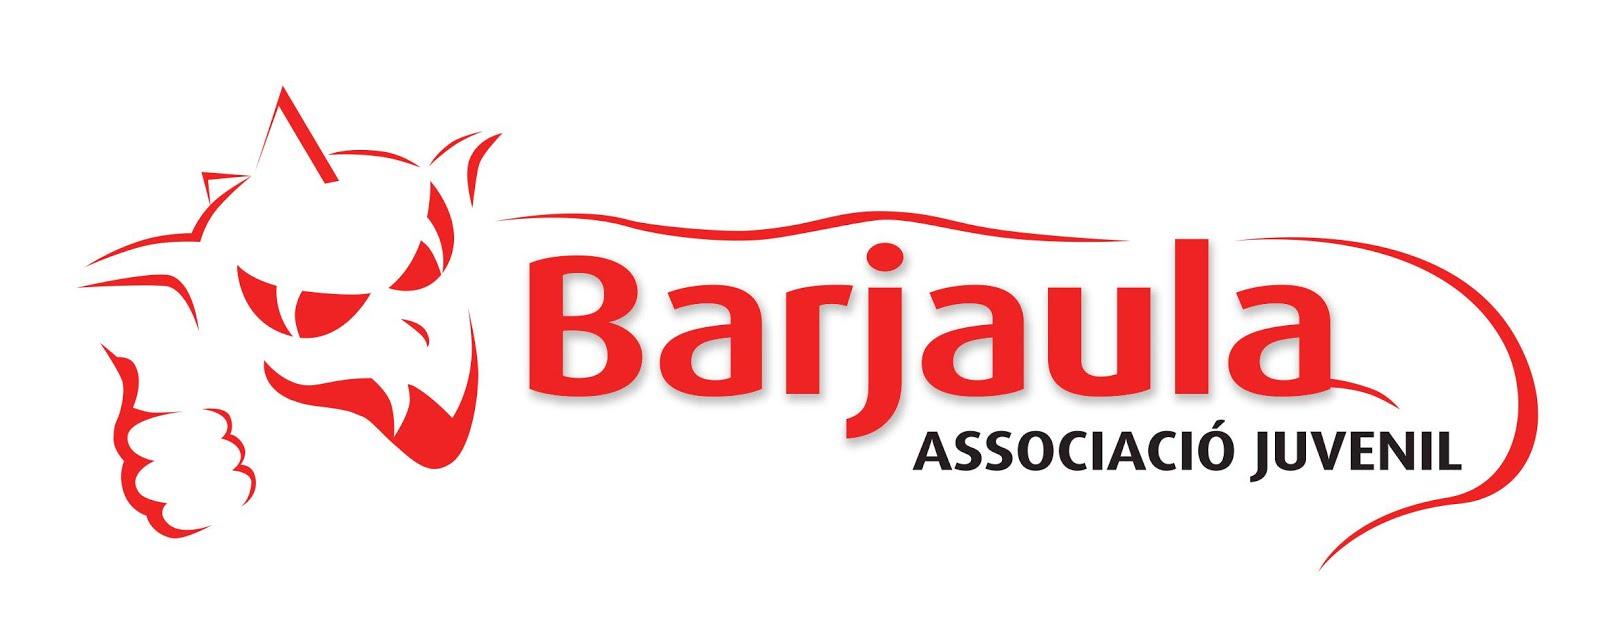 Barjaula, Associació Juvenil